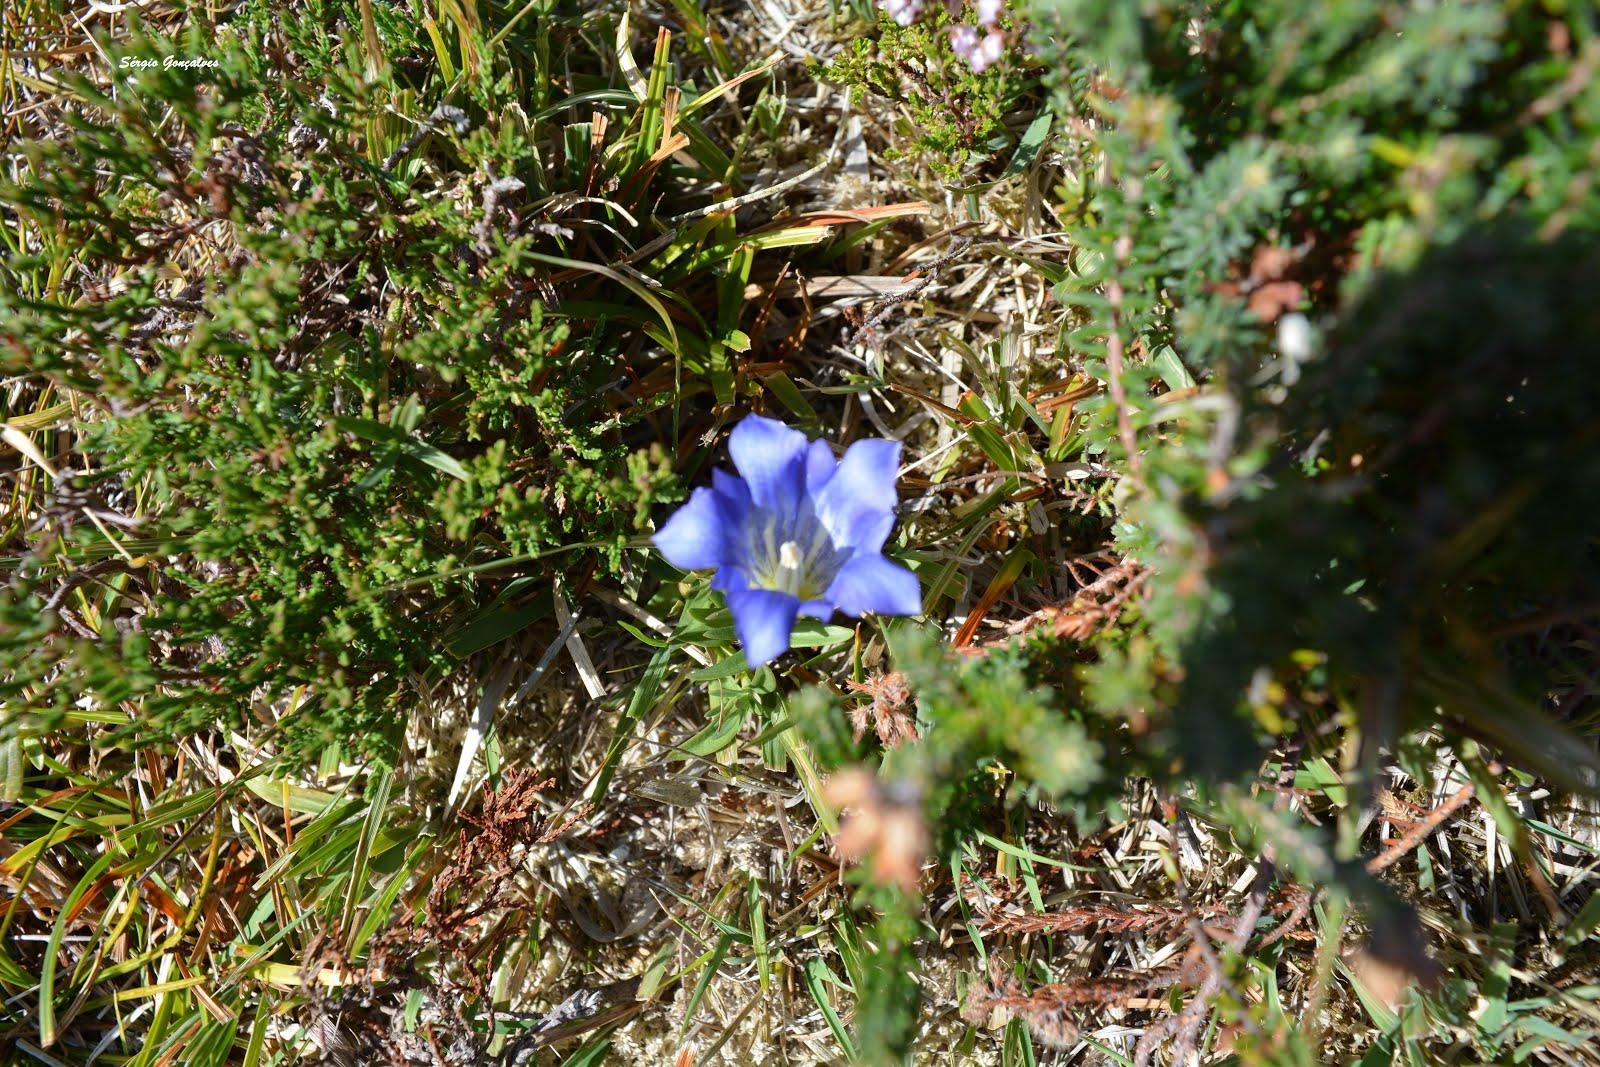 Gentiana é um género botânico pertencente à família Gentianaceae.